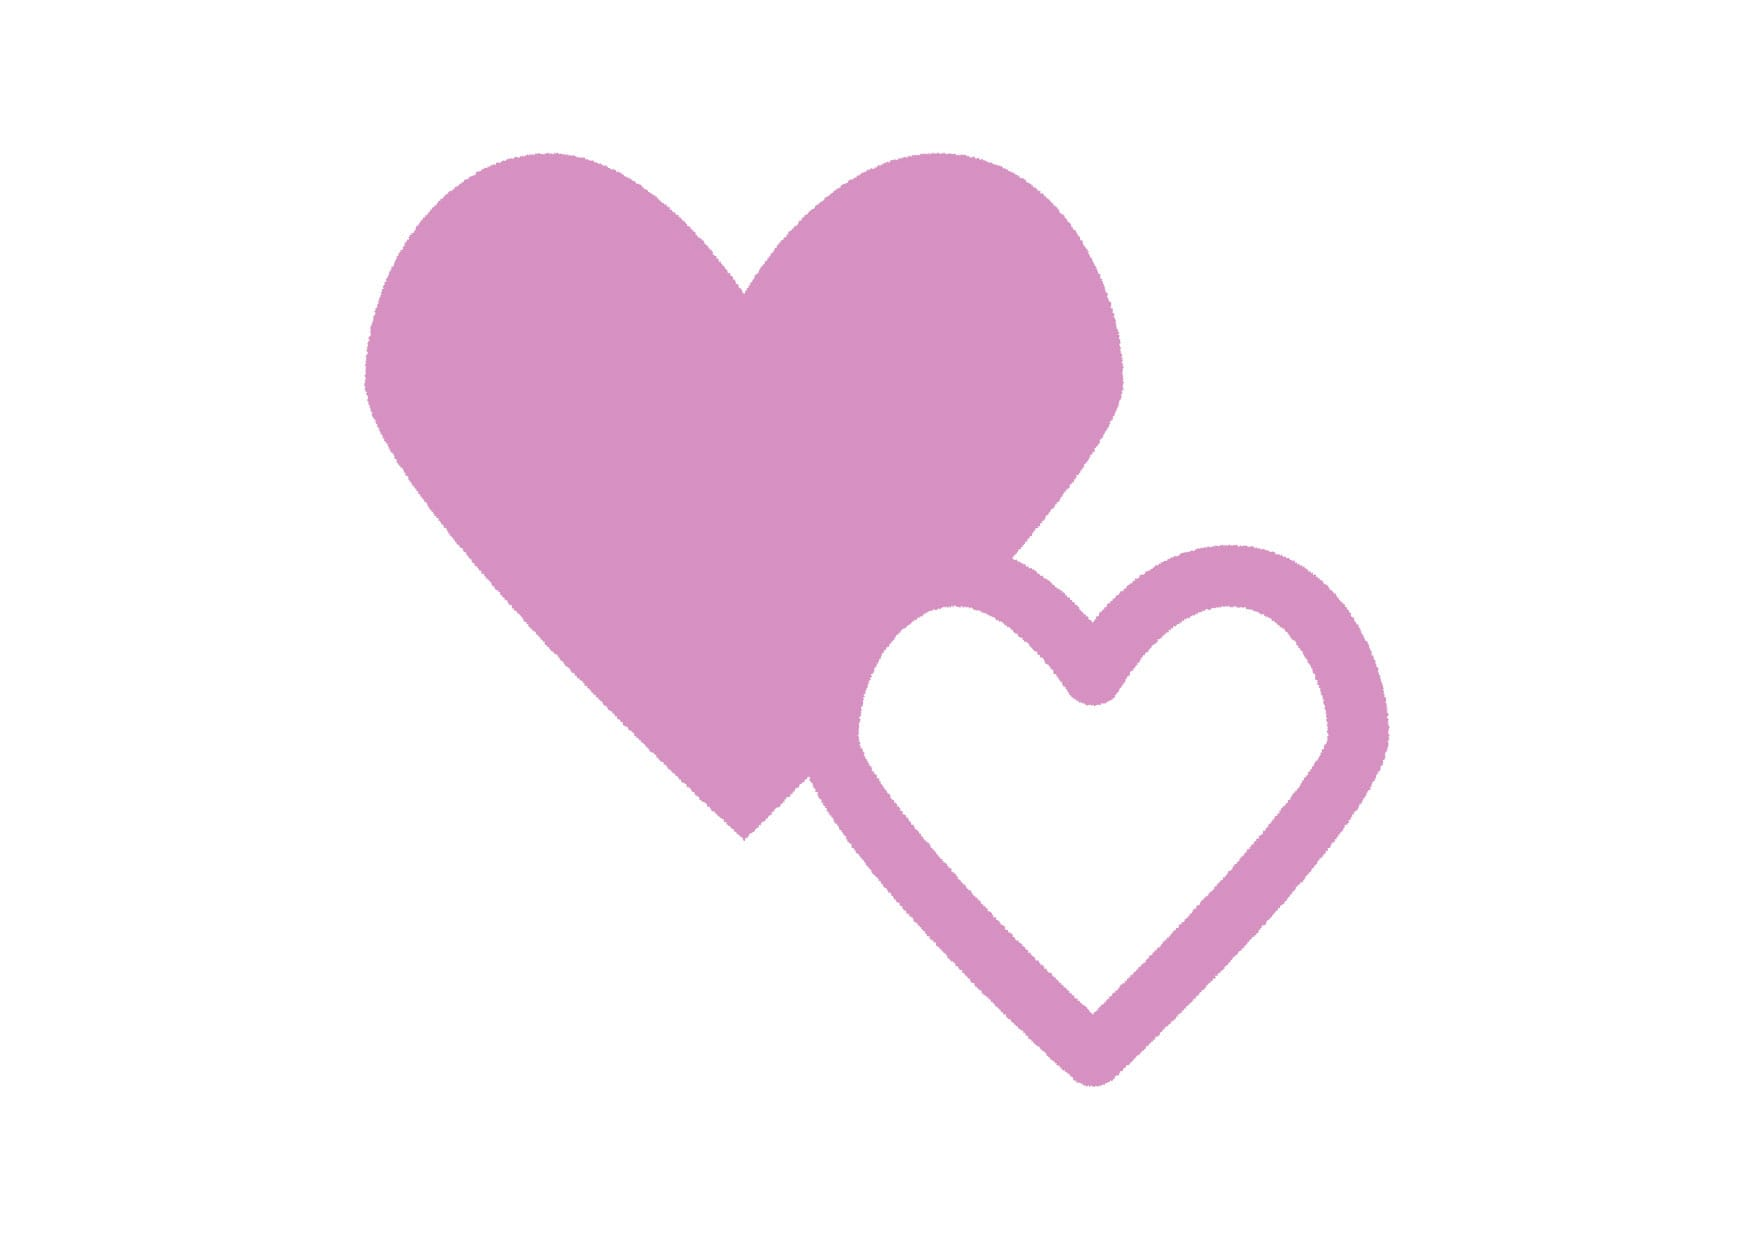 ハートマーク 紫色 イラスト 無料